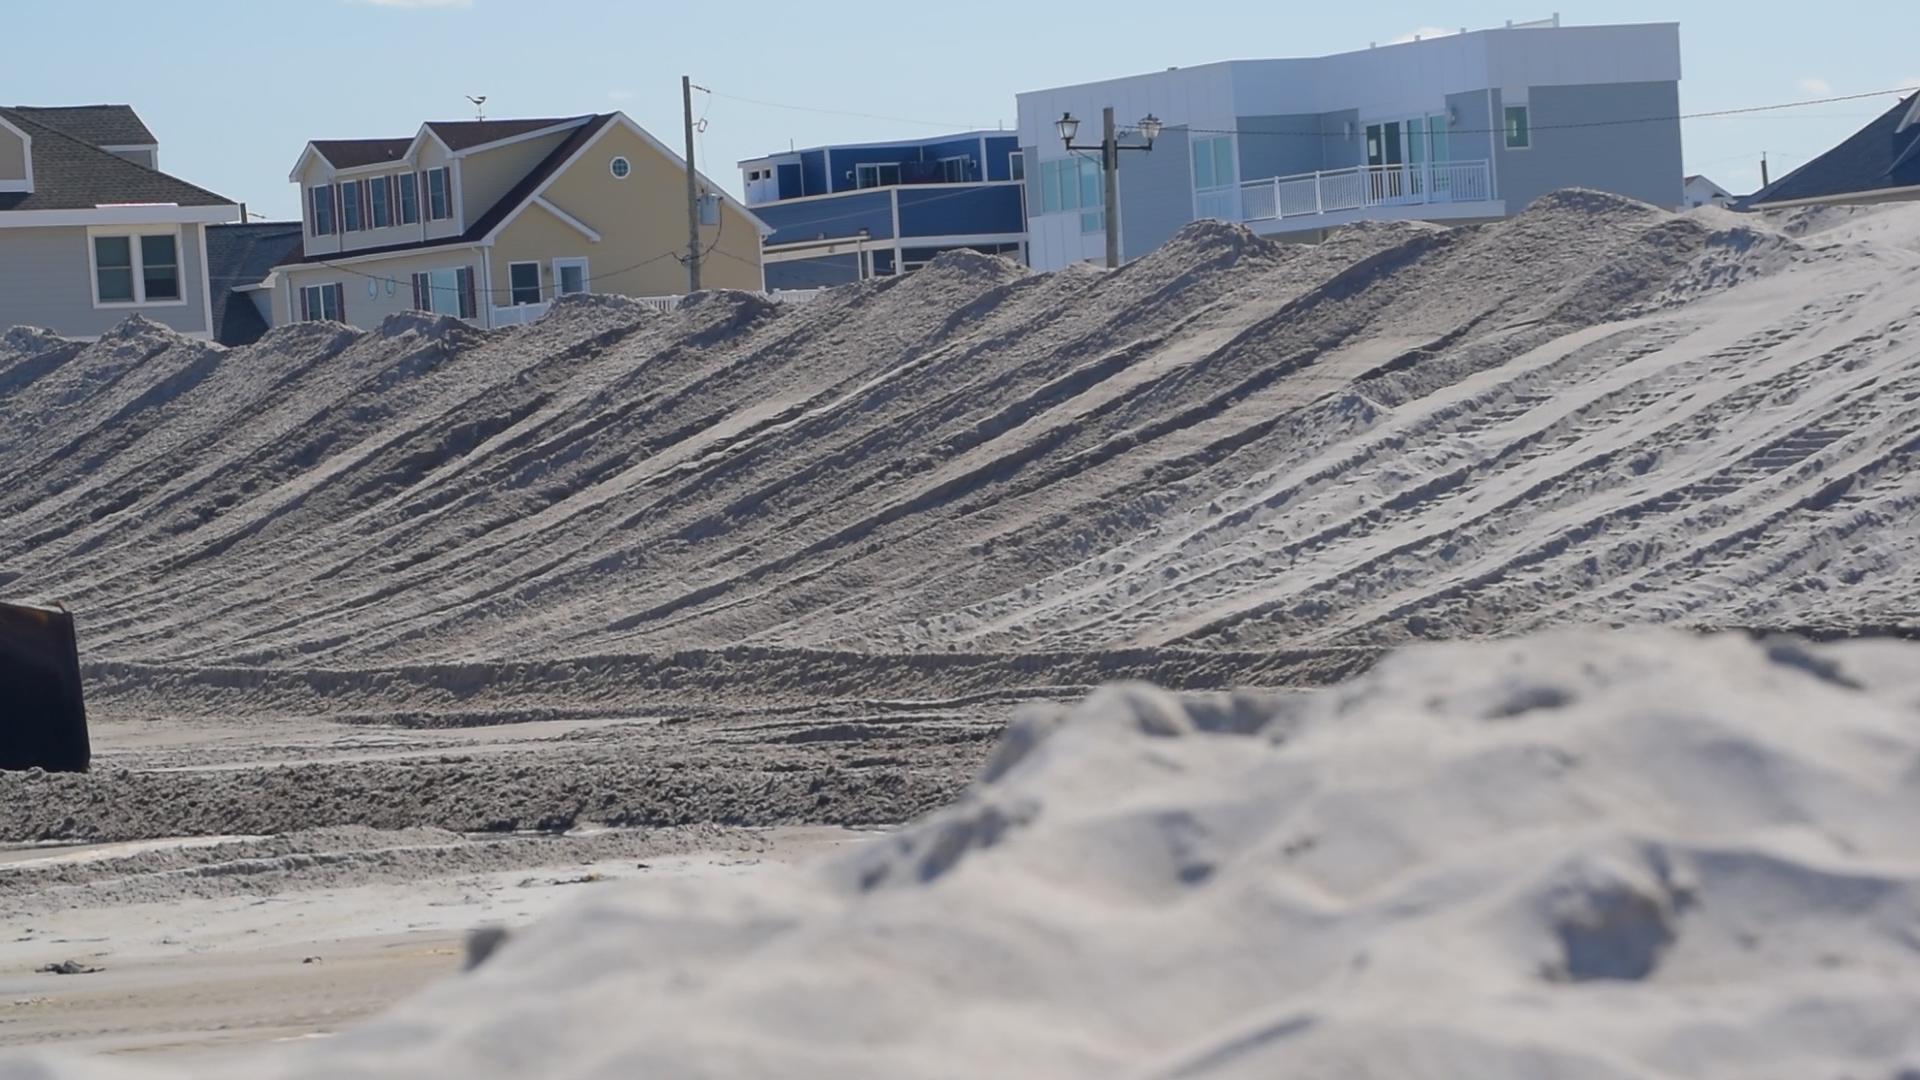 Dunes being built in Ortley Beach, N.J., Aug. 2018. (Photo: Daniel Nee)